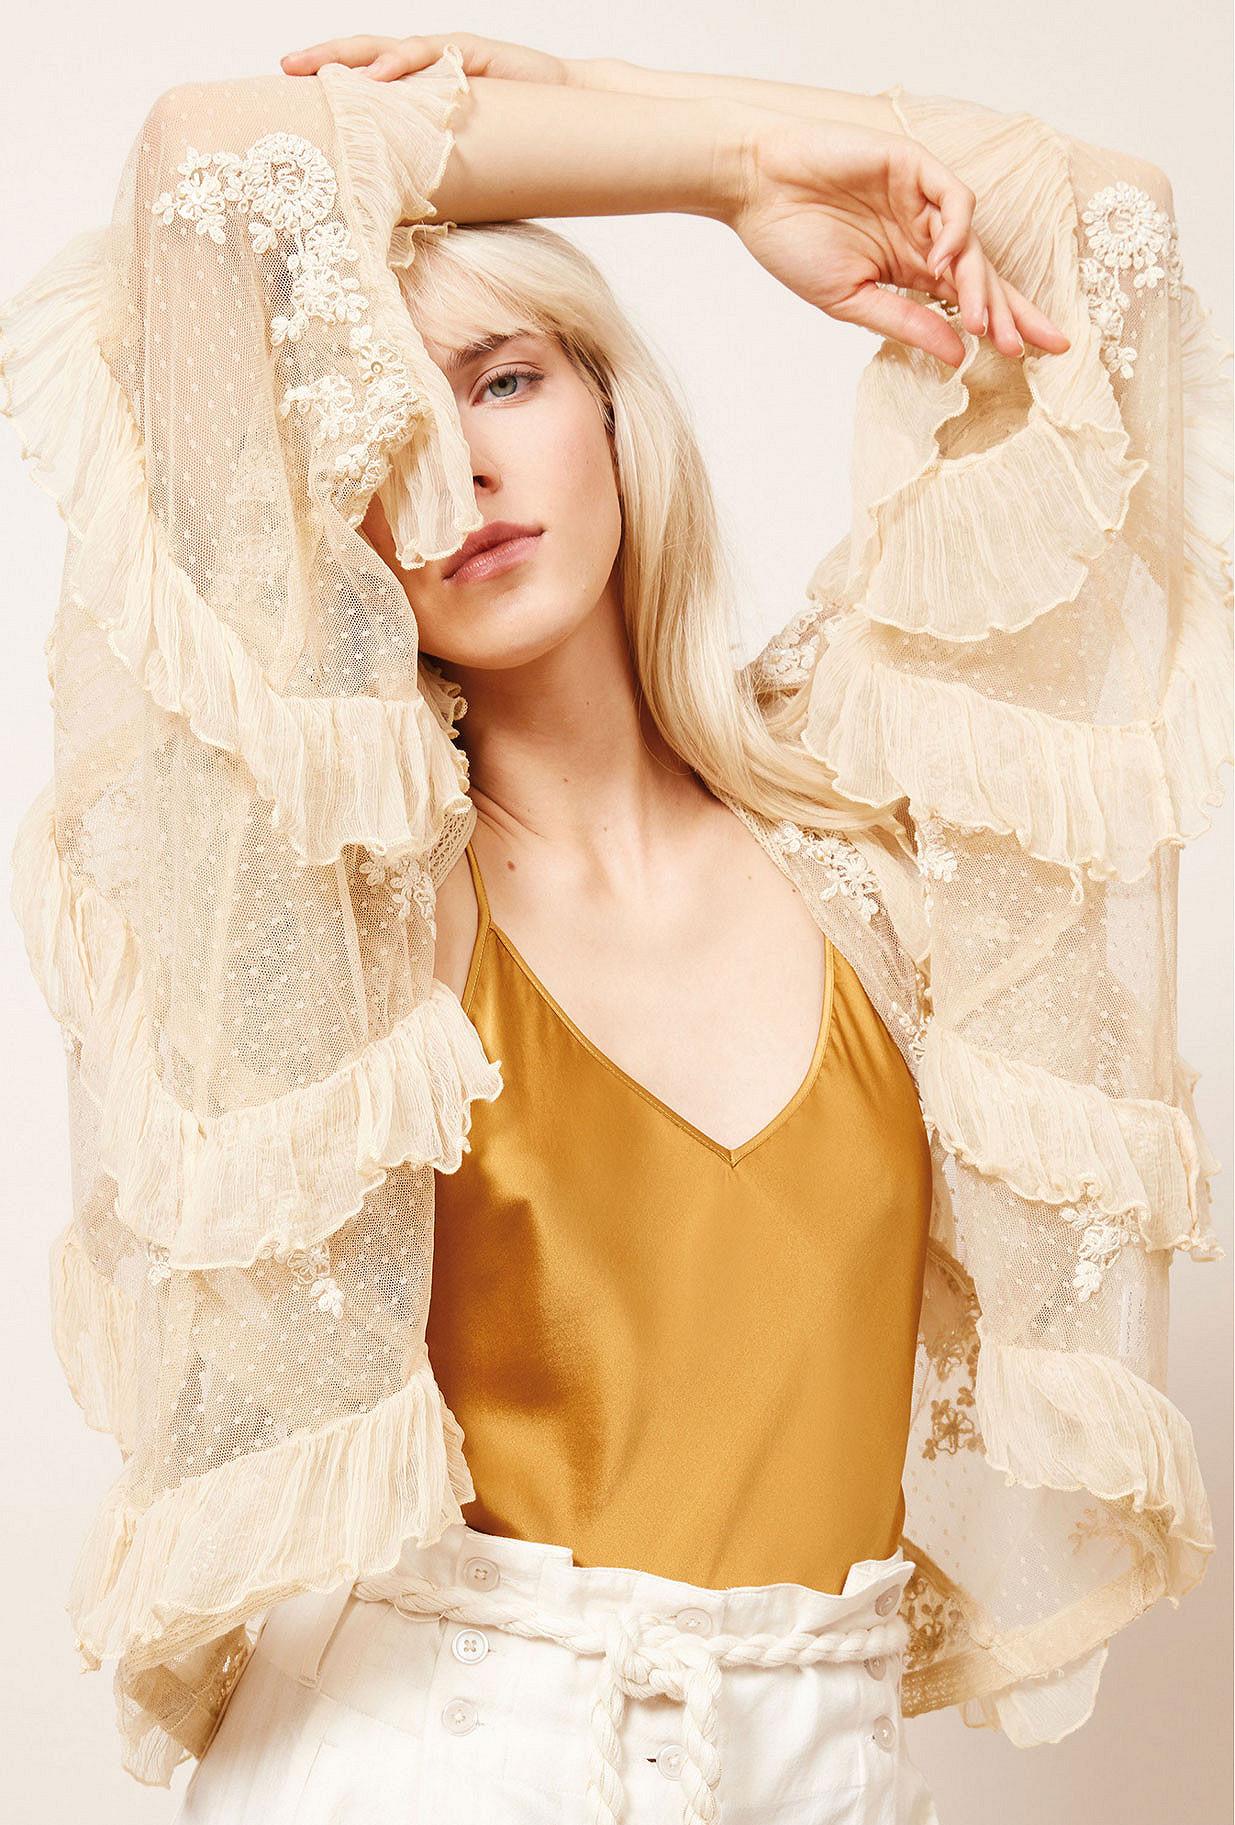 Paris boutique de mode vêtement Kimono créateur bohème Bee